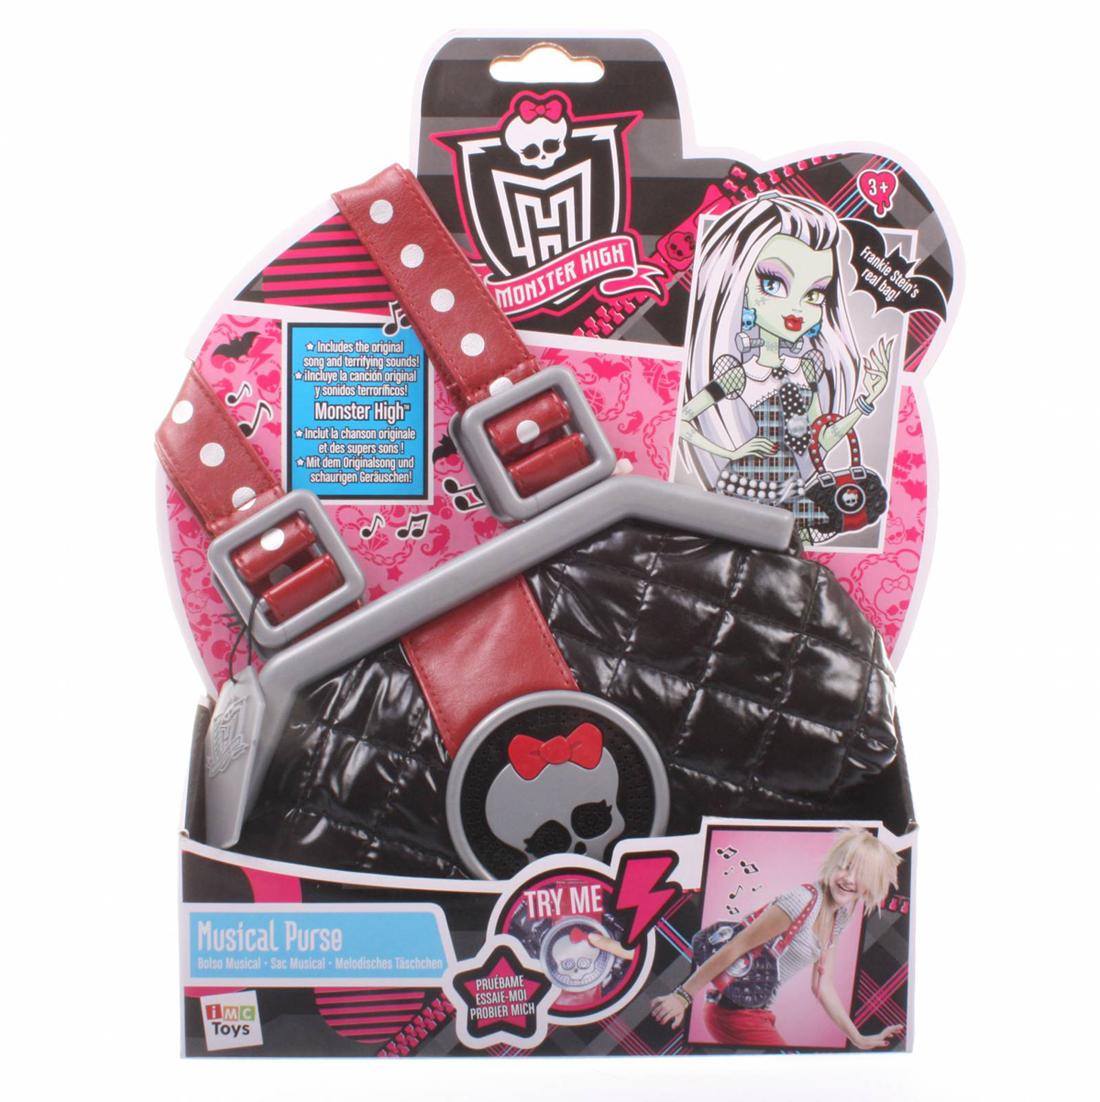 Школа монстров. Сумка музыкальная, Monster HighКуклы Ever After High и Monster High<br>Школа монстров. Сумка музыкальная, Monster High<br>